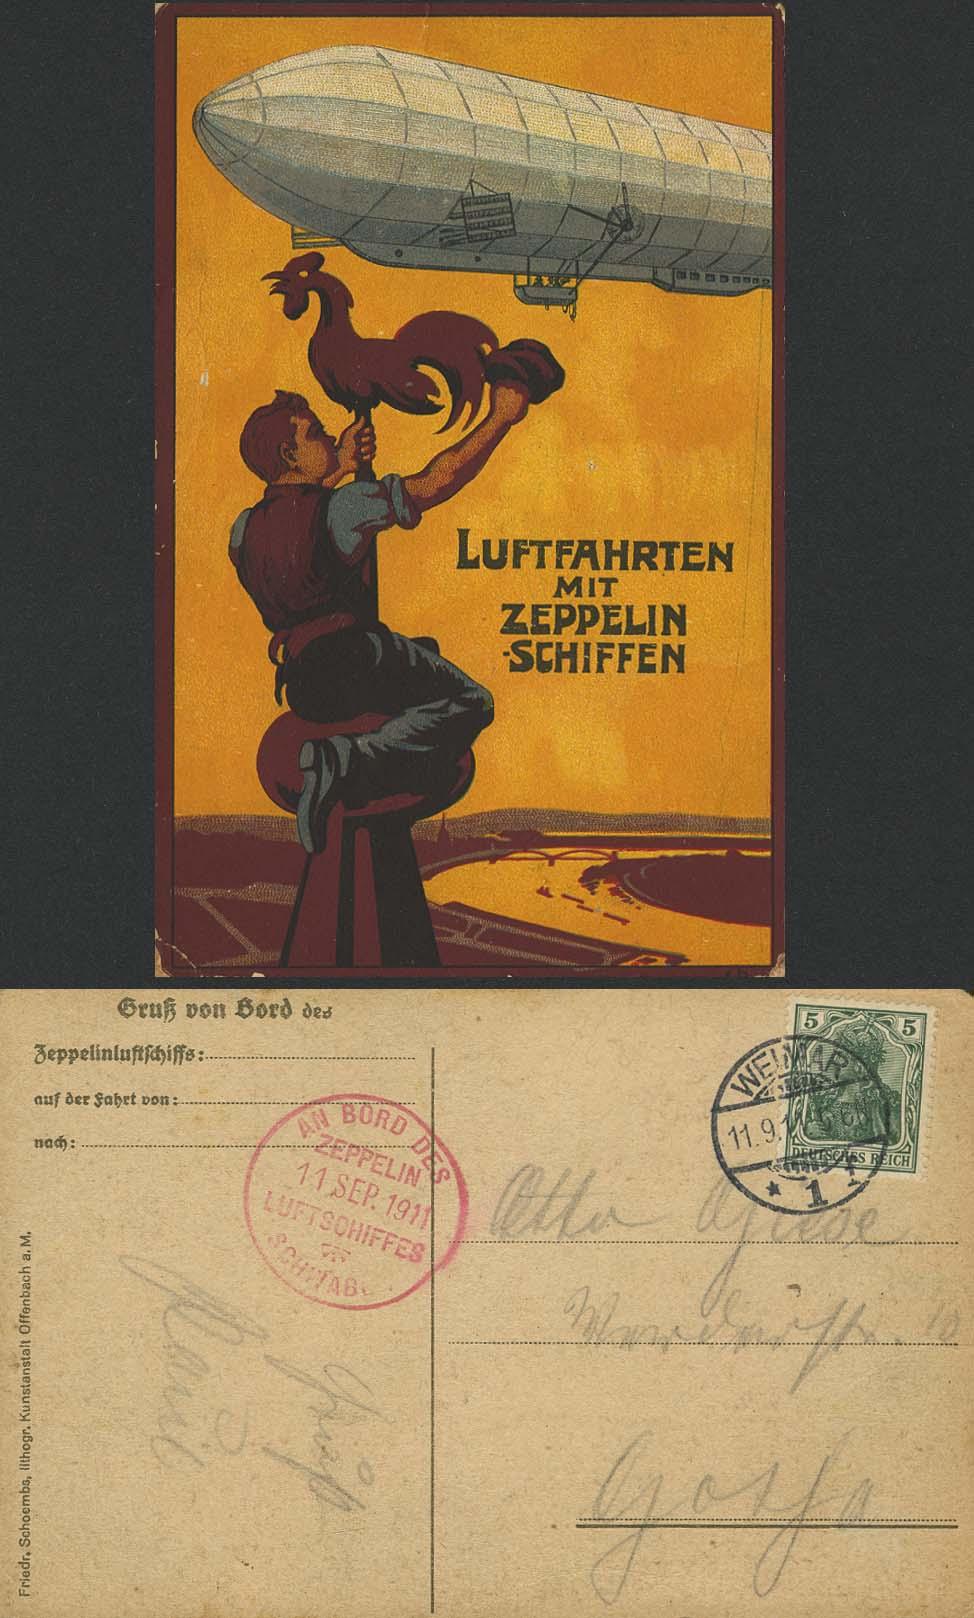 Lot 4121 - zeppelinpost nach sieger Pioniere - LZ 10 -  Auktionshaus Ulrich Felzmann GmbH & Co. KG